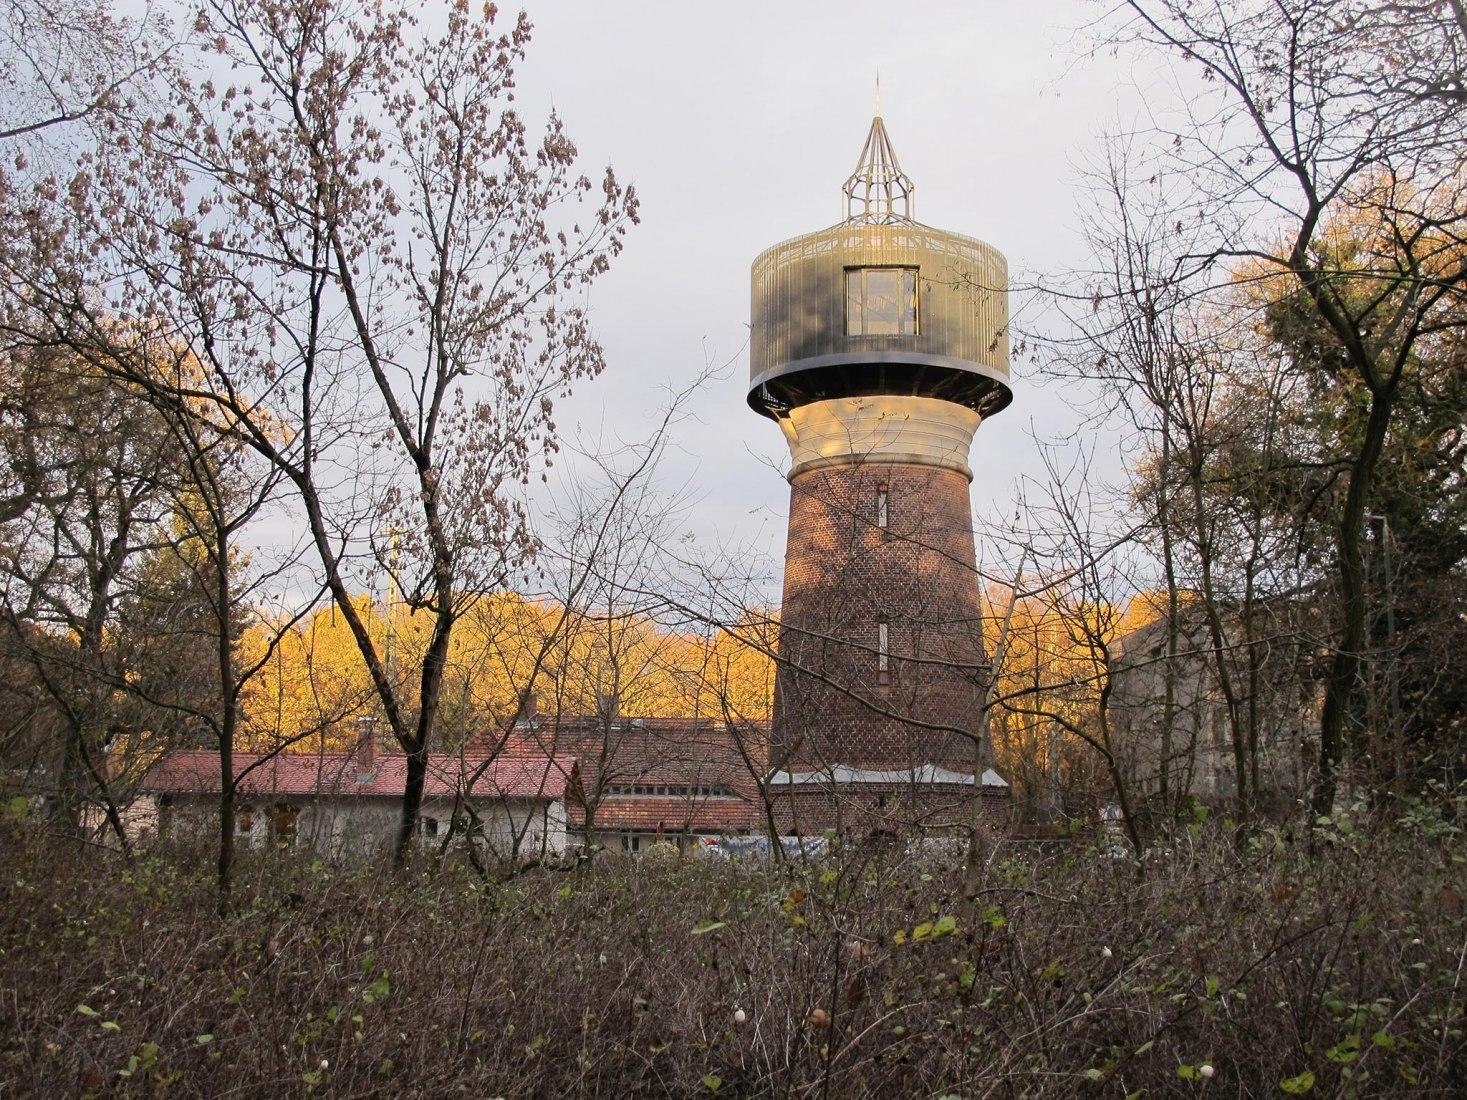 Water tower rehabilitation in Potsdam by Wirth Alonso Architekten. Photograph by Wirth Alonso Architekten.